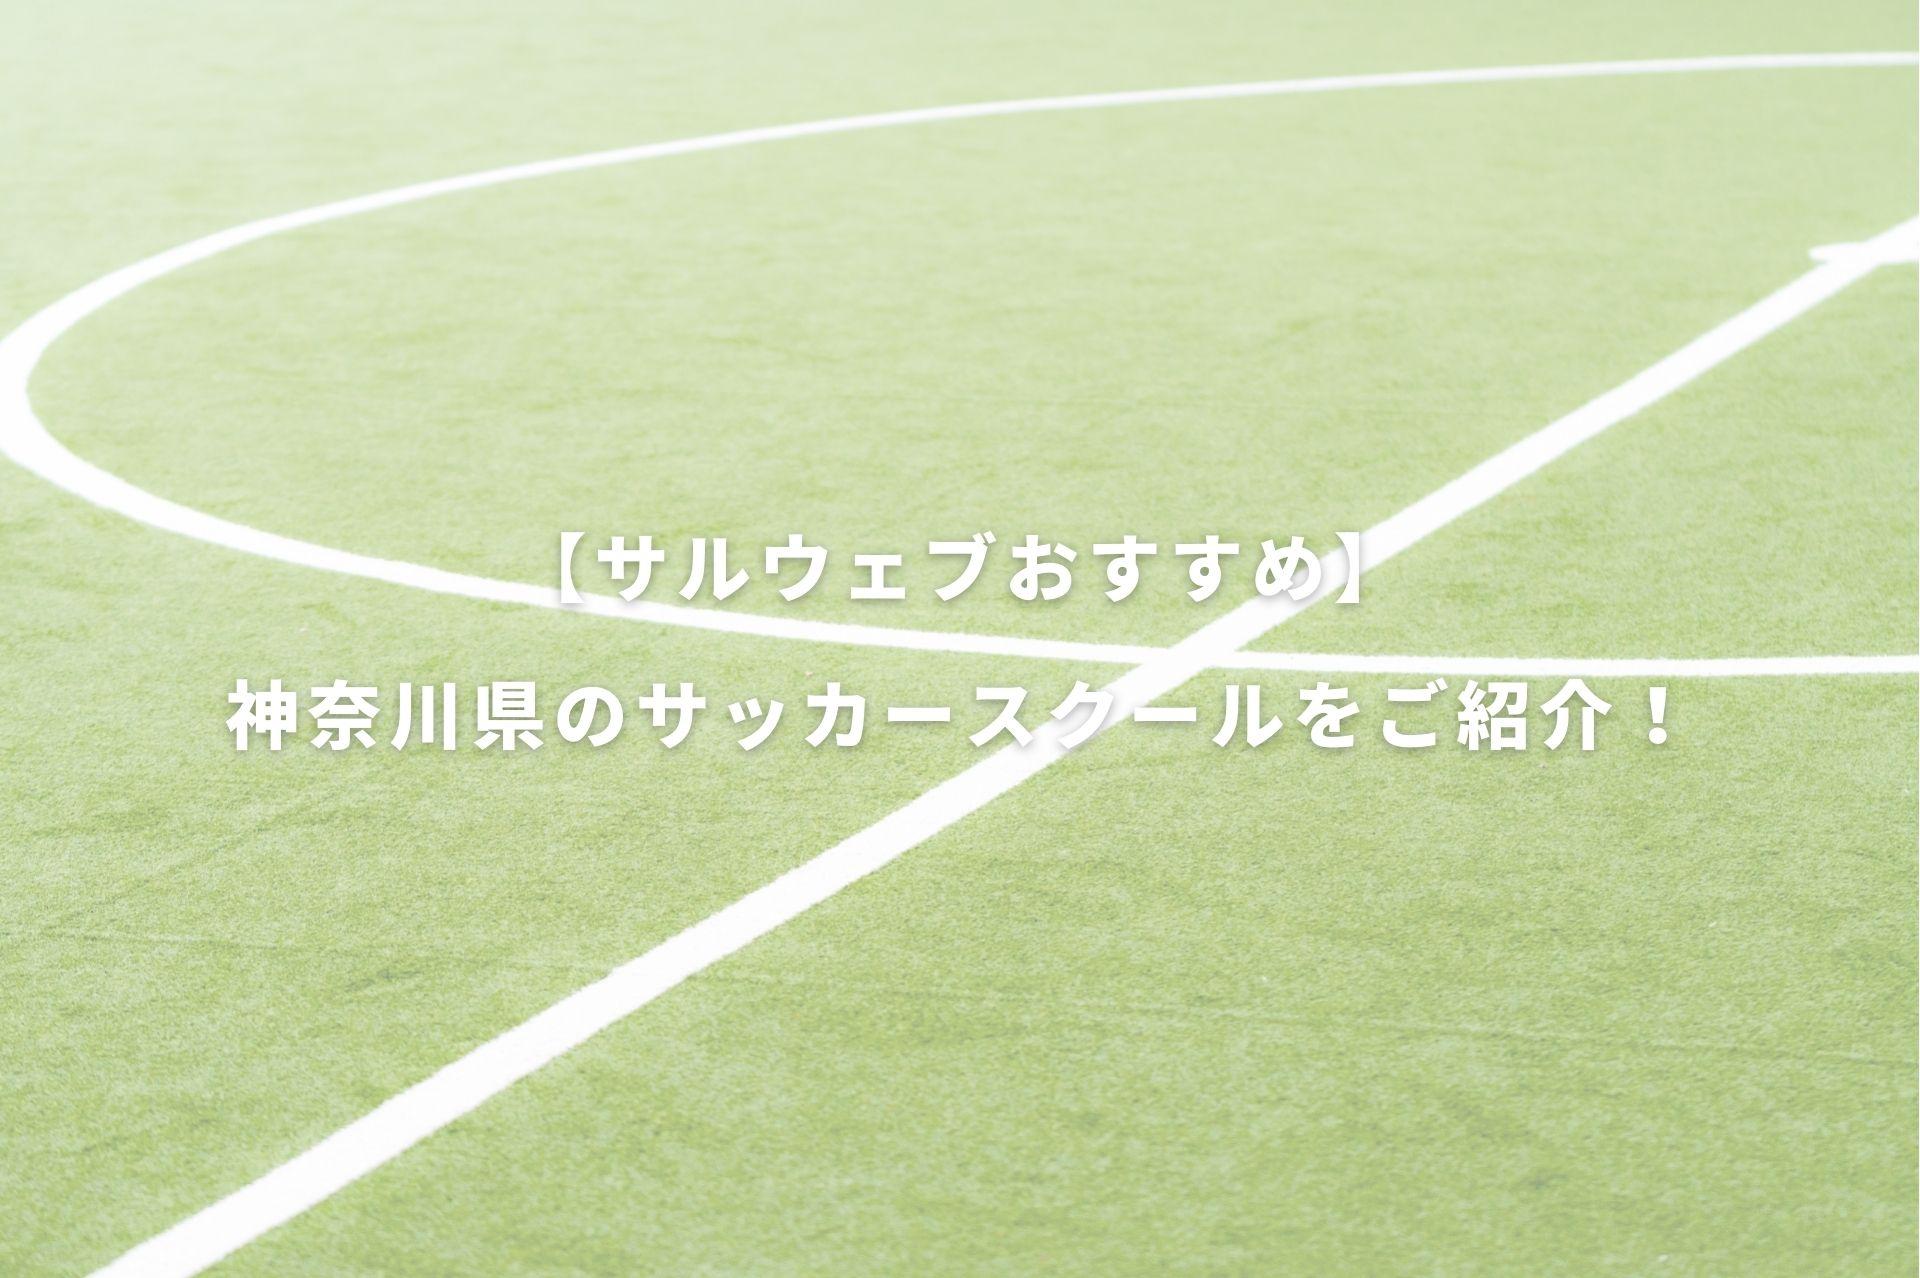 神奈川県のおすすめサッカースクール一覧